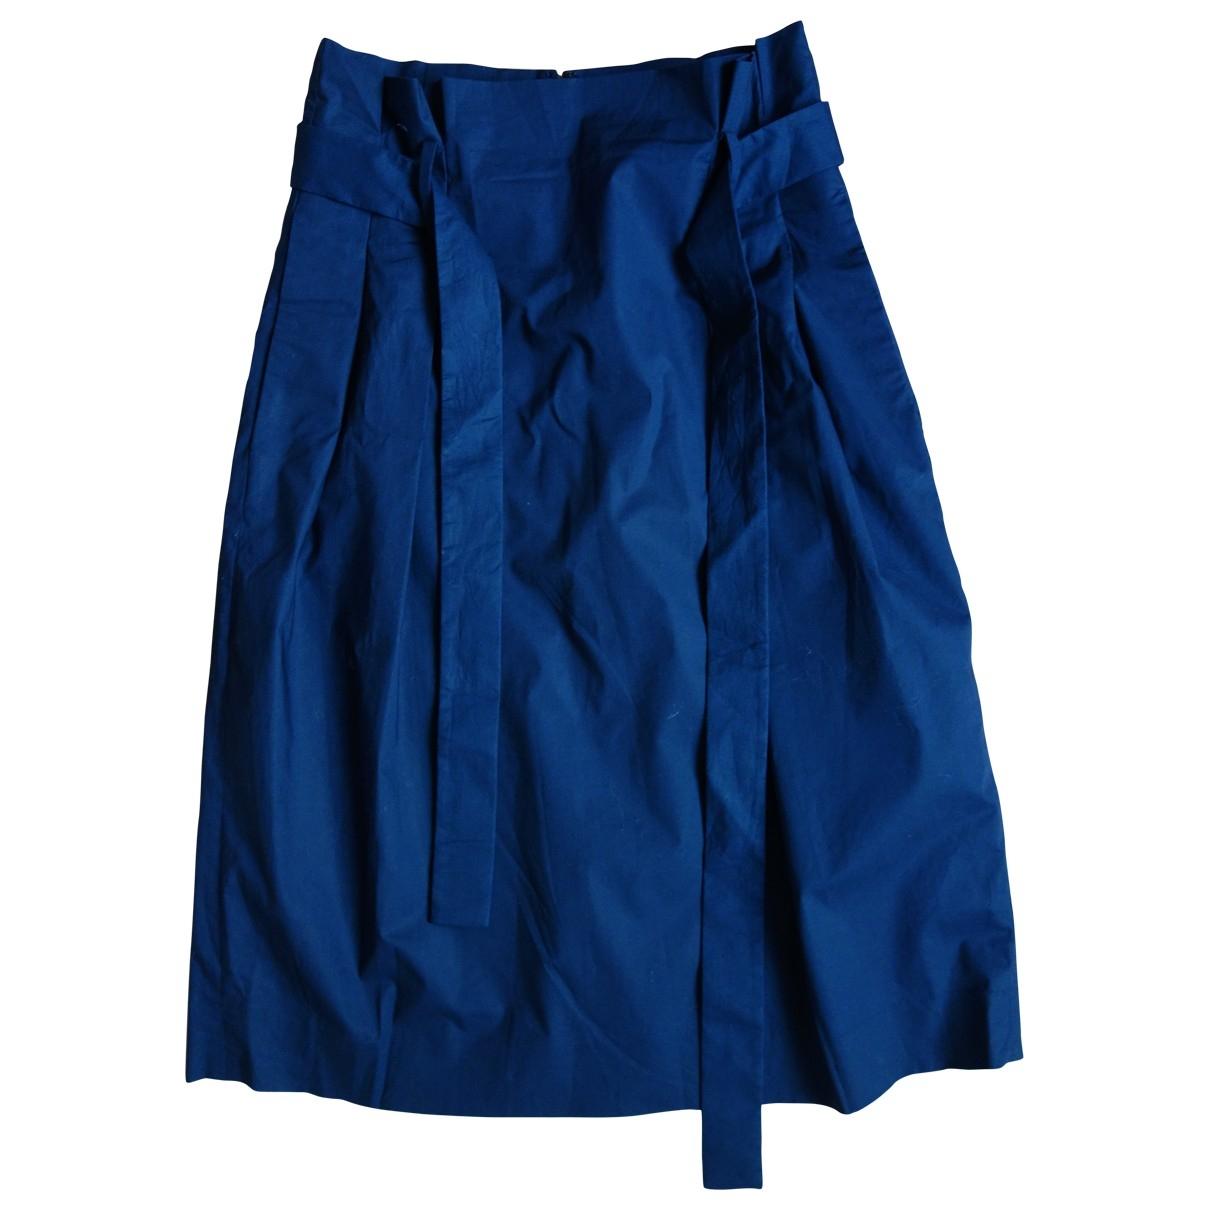 Cos \N Blue Cotton skirt for Women 36 FR